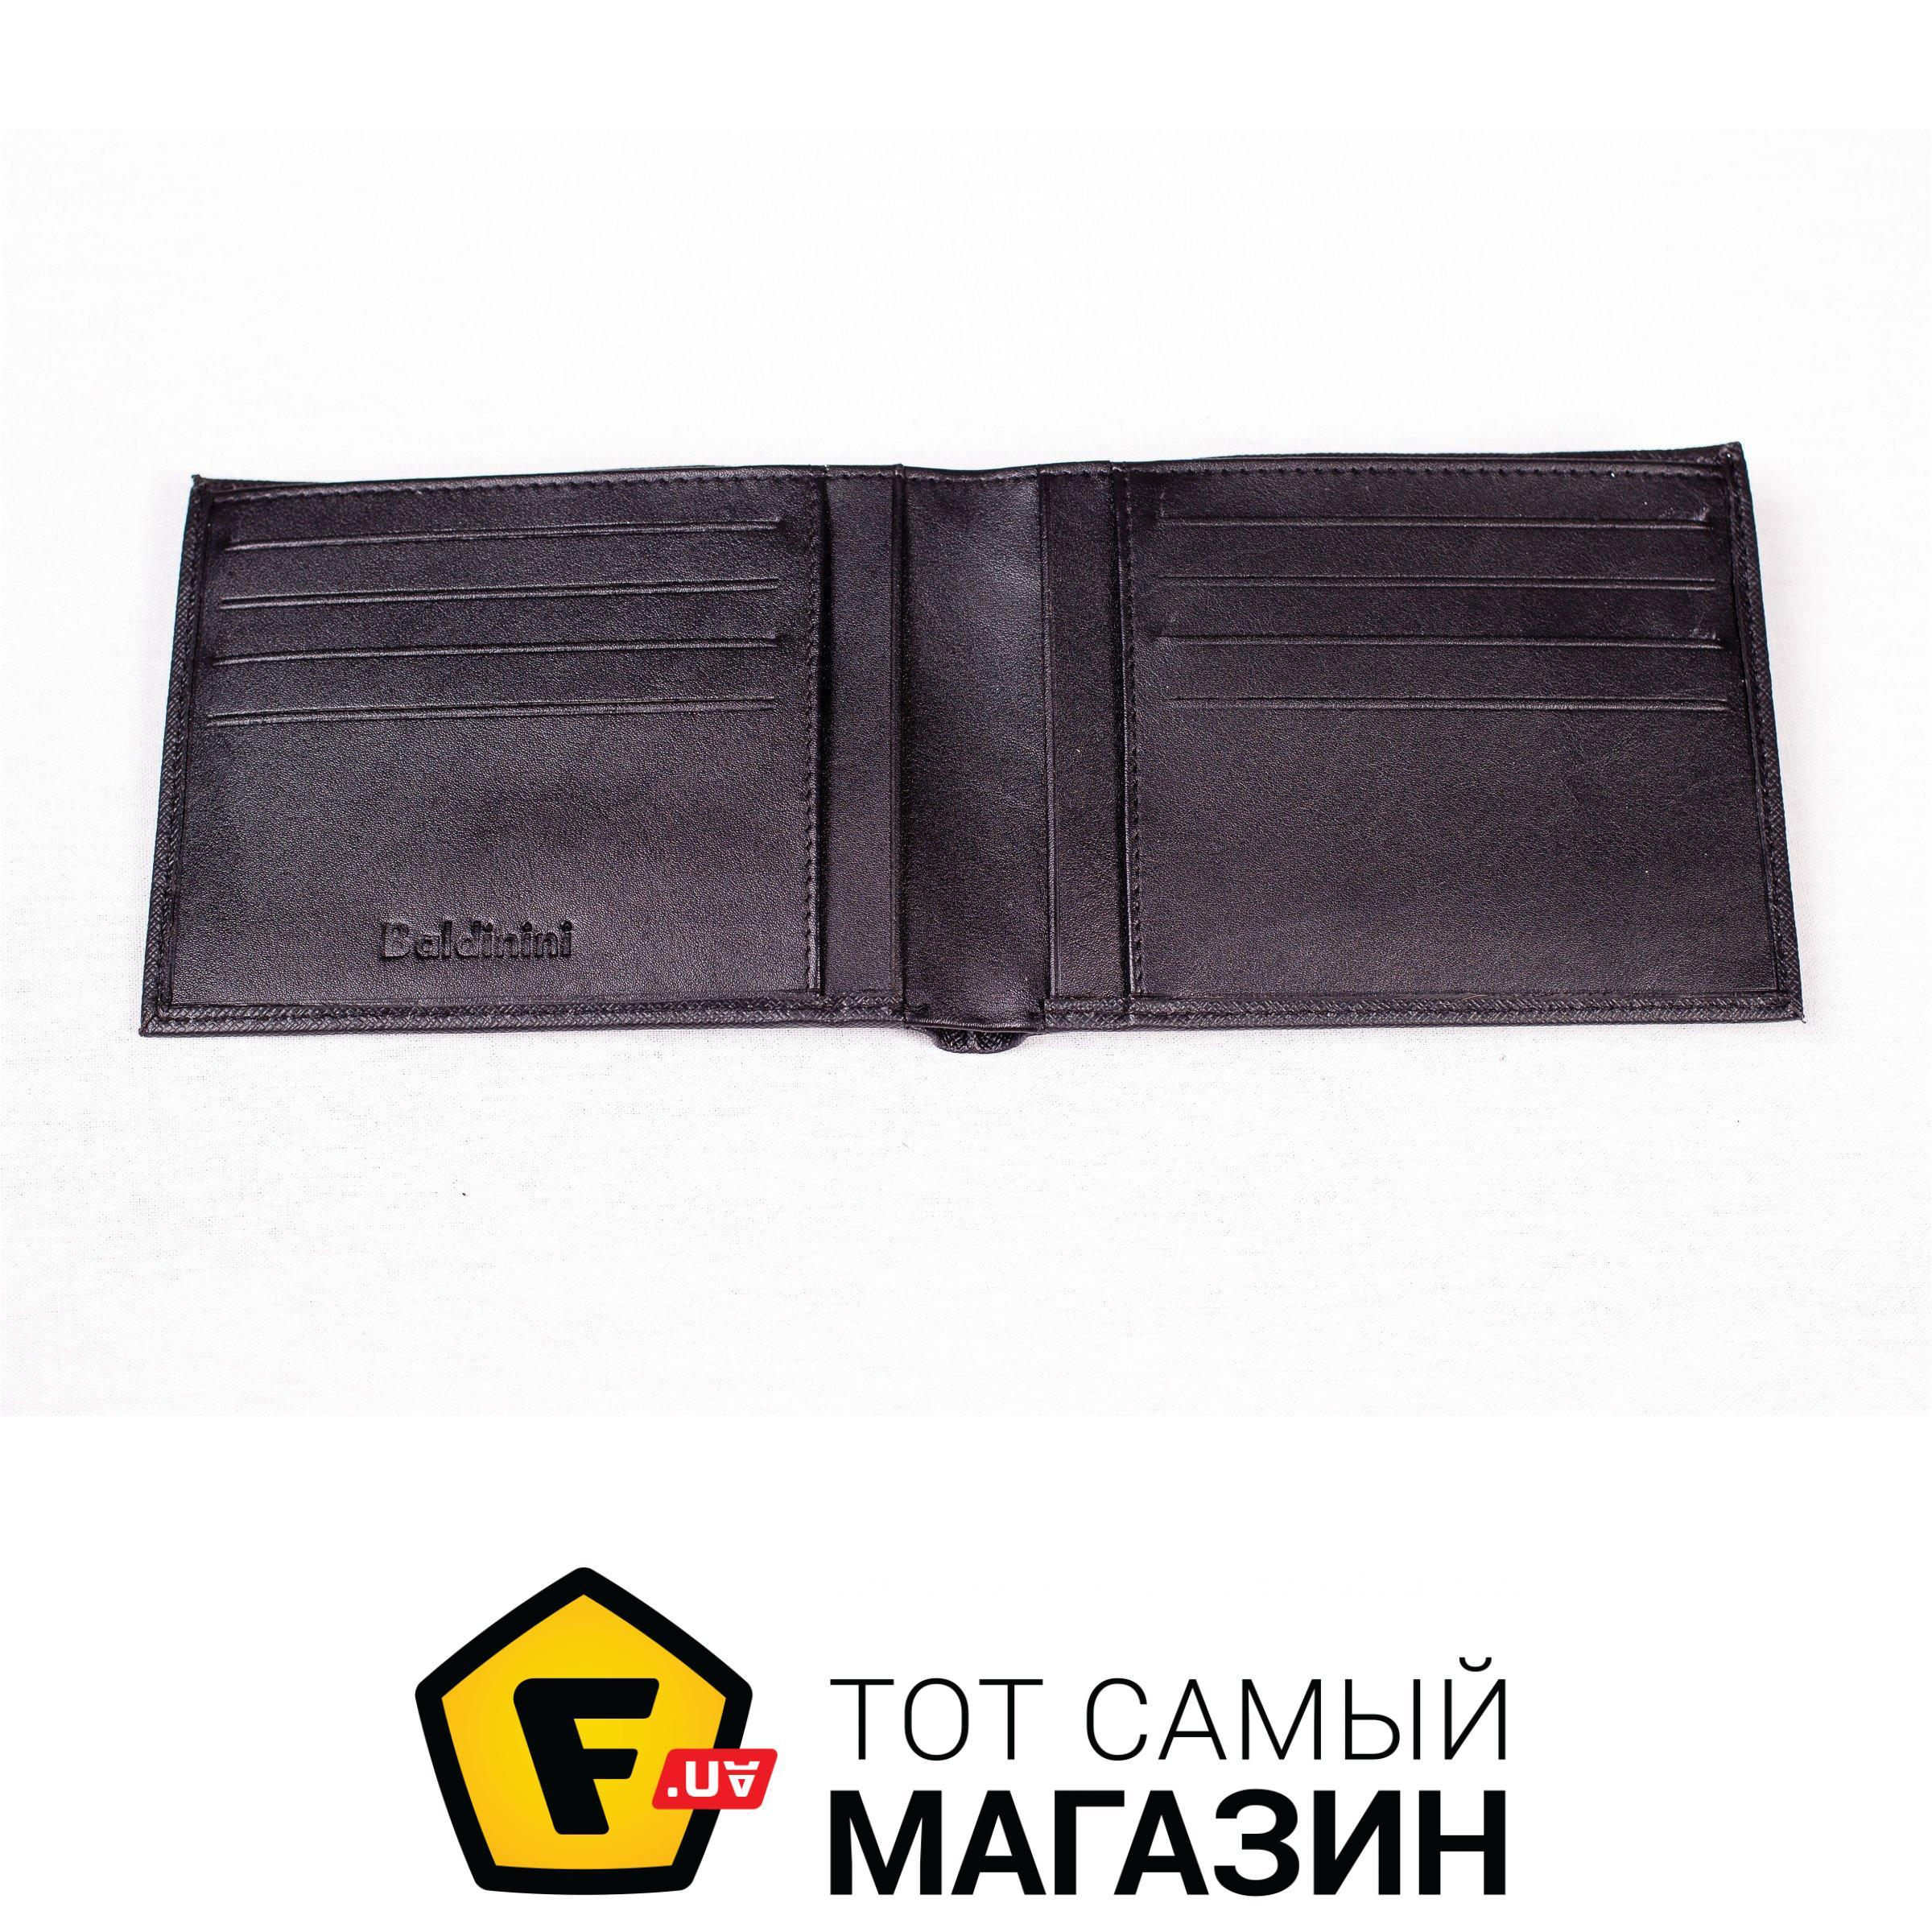 eb6225459 ᐈ Кошелек Baldinini Мужской Черный (HB77212) ~ Купить? ЦЕНА Снижена ...